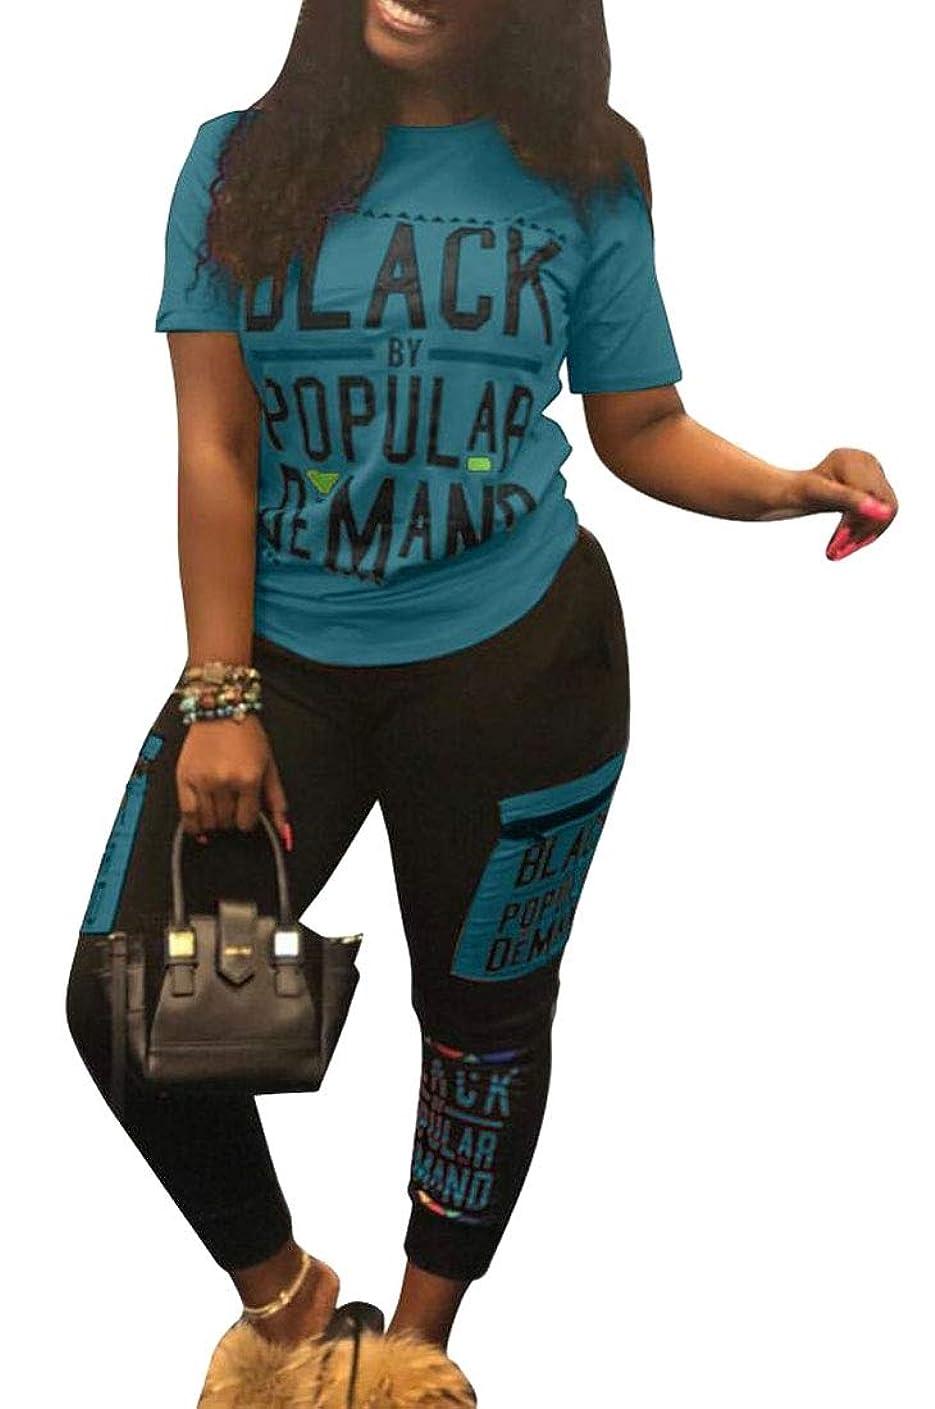 まぶしさストッキングあなたのもの女性ジョグ文字のTシャツ